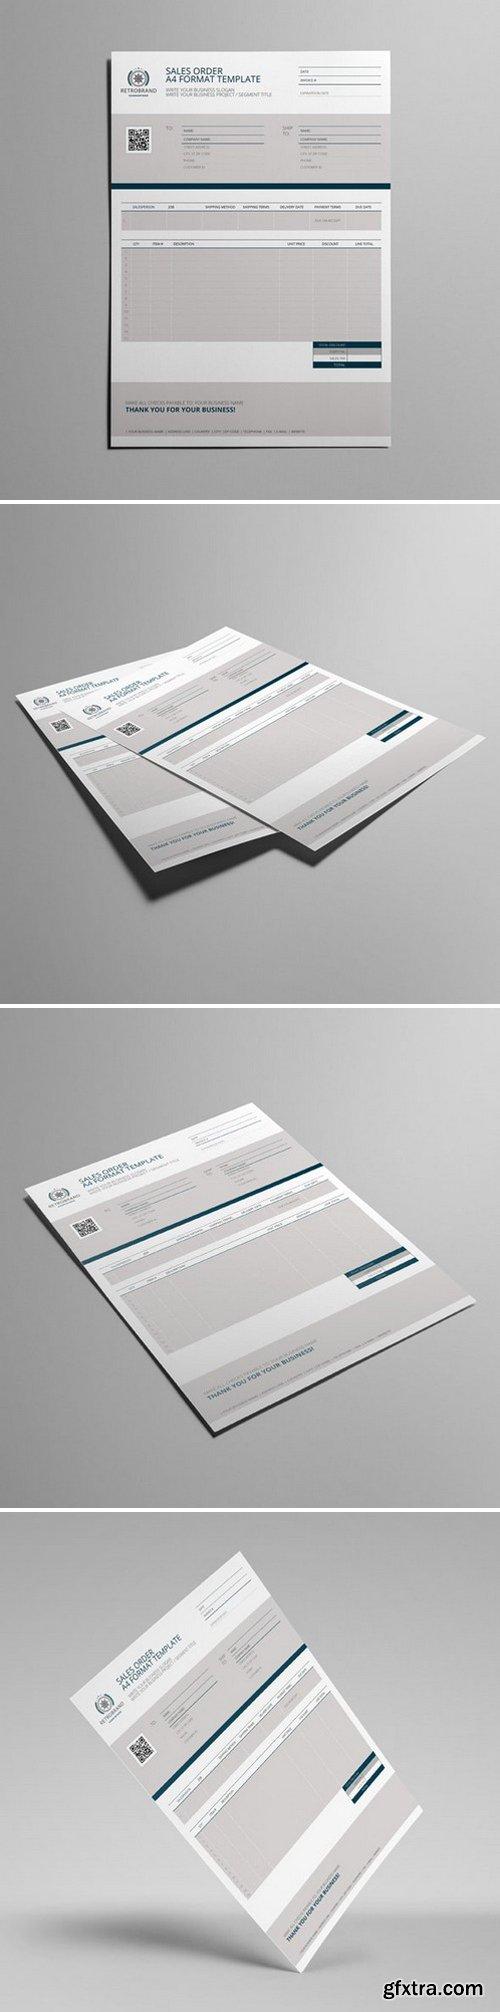 KeBoto - Sales Order A4 Format Template 000171